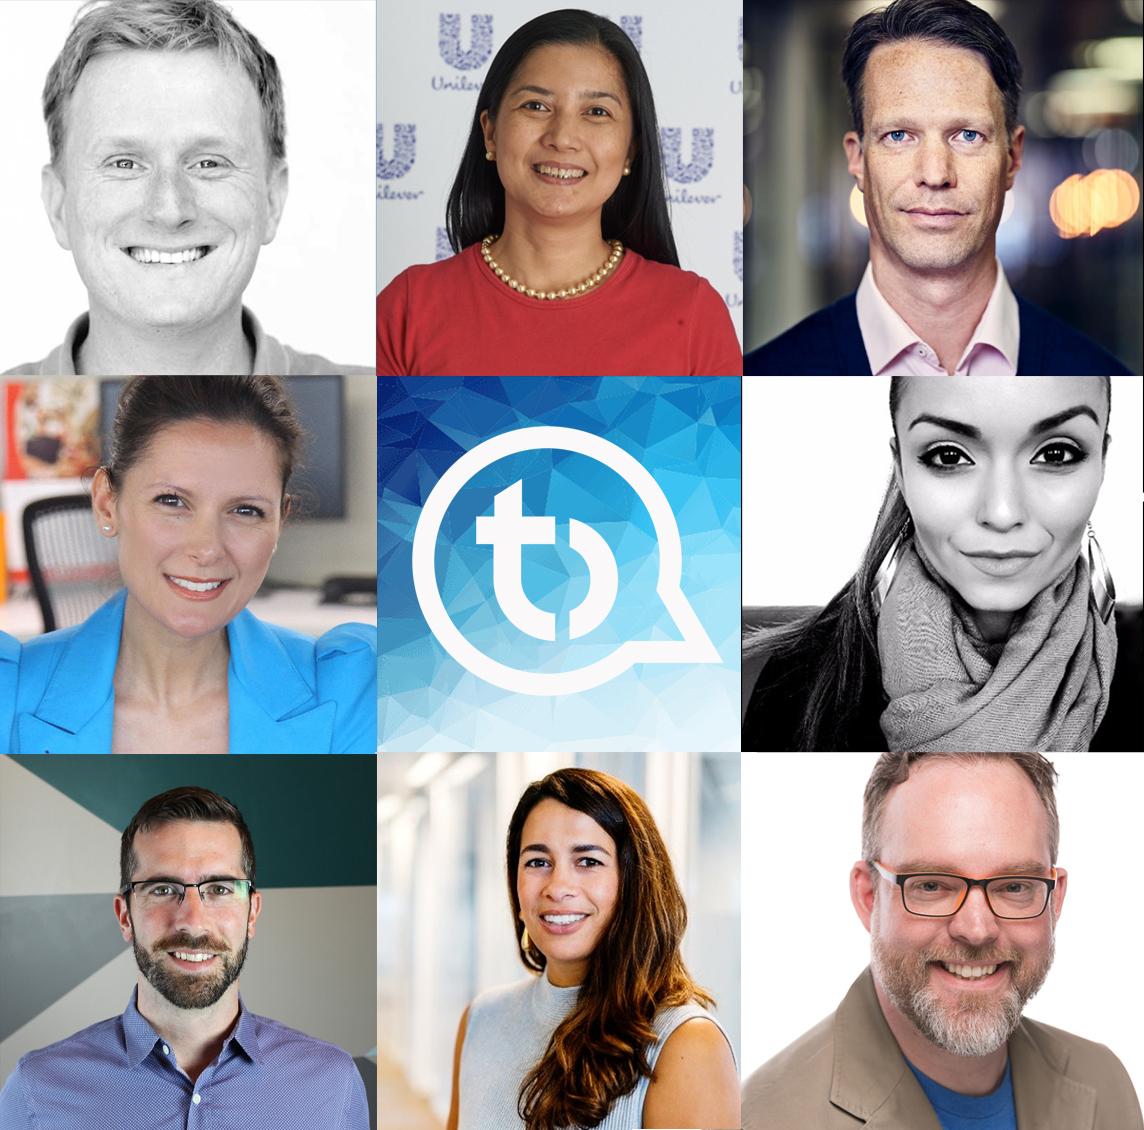 TBSummit-london-six-facilitators-insta.jpg